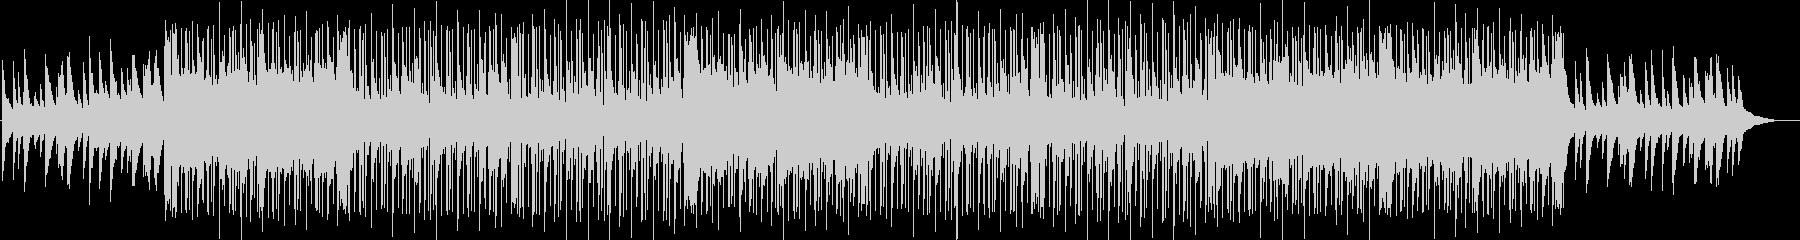 切ないピアノメインのチルヒップホップの未再生の波形